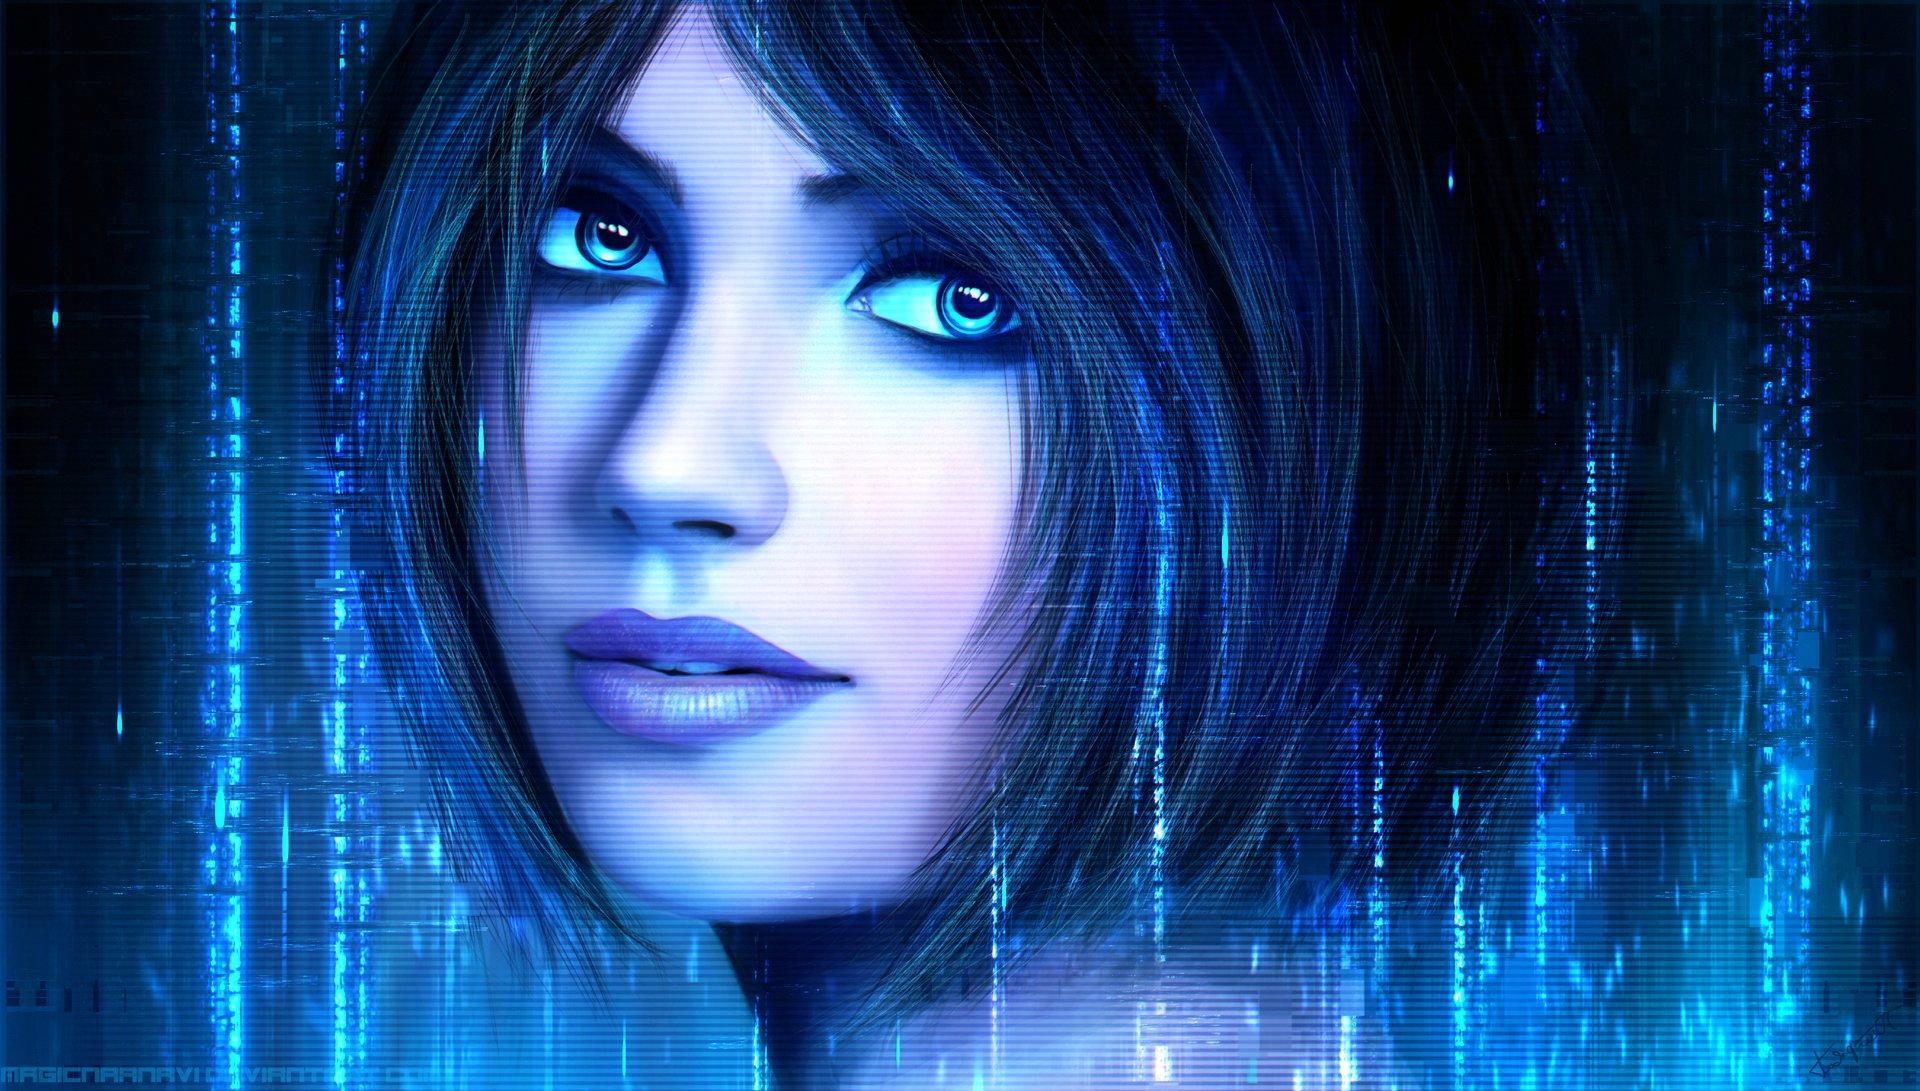 Hướng dẫn sử dụng Cortana trên Windows 10 - VnReview - Tư vấn